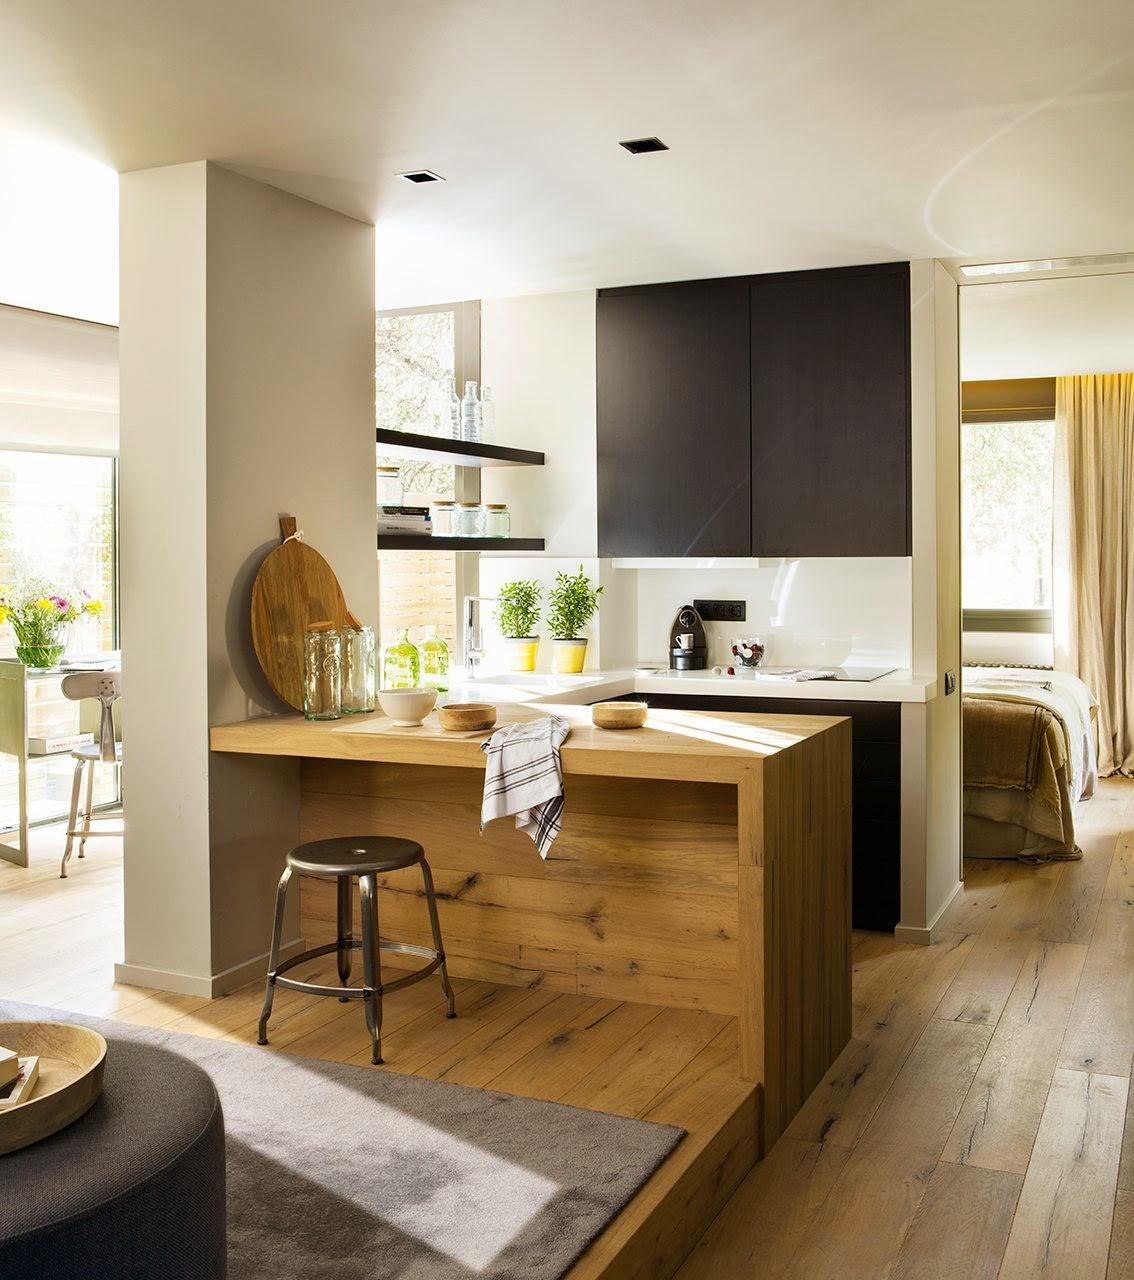 Ecce home piccoli spazi dalle idee chiare - Cuisine ouverte salon petit espace ...